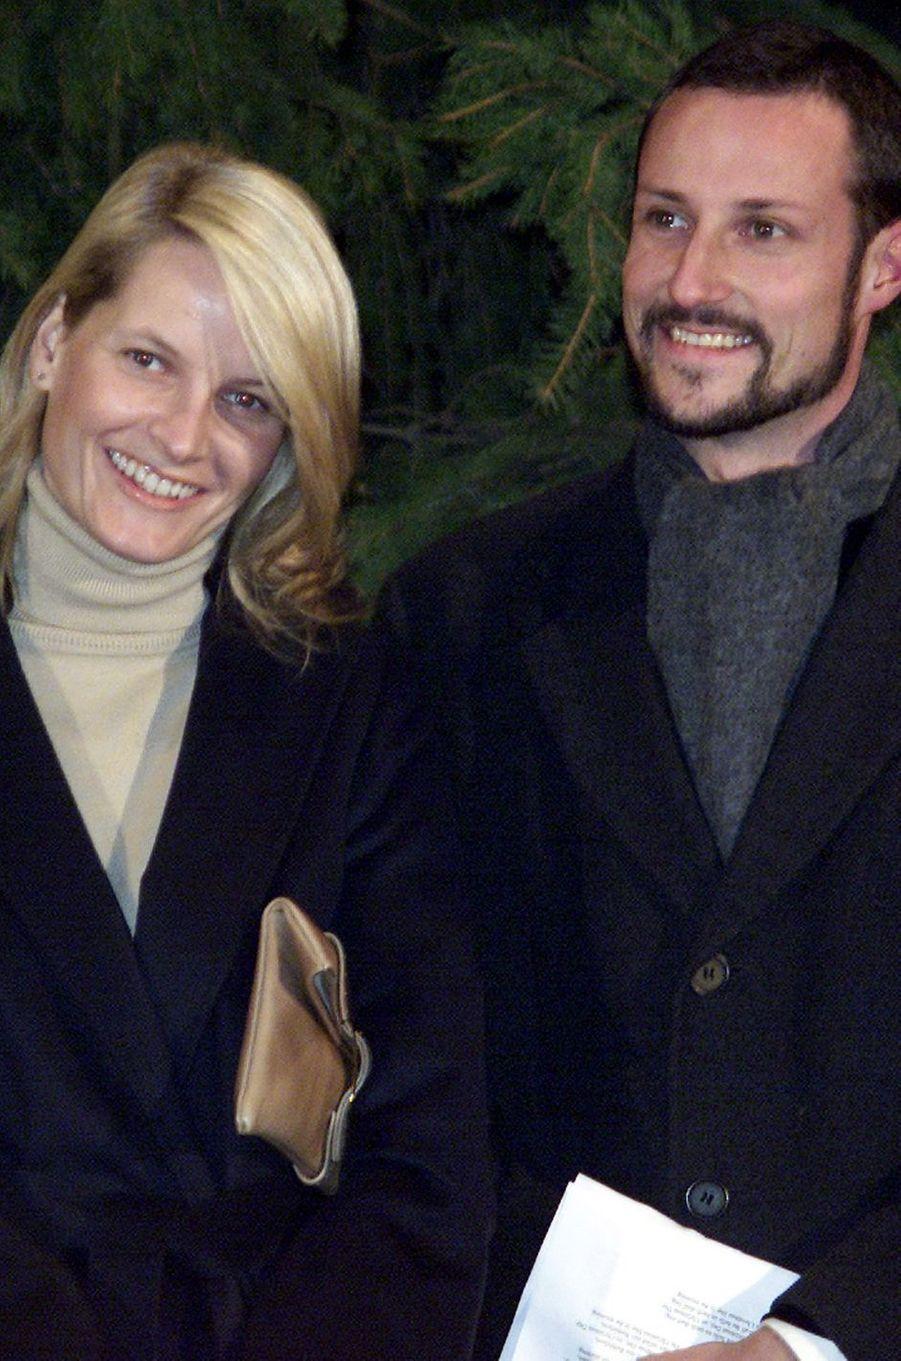 La princesse Mette-Marit et le prince Haakon de Norvège, le 6 décembre 2001